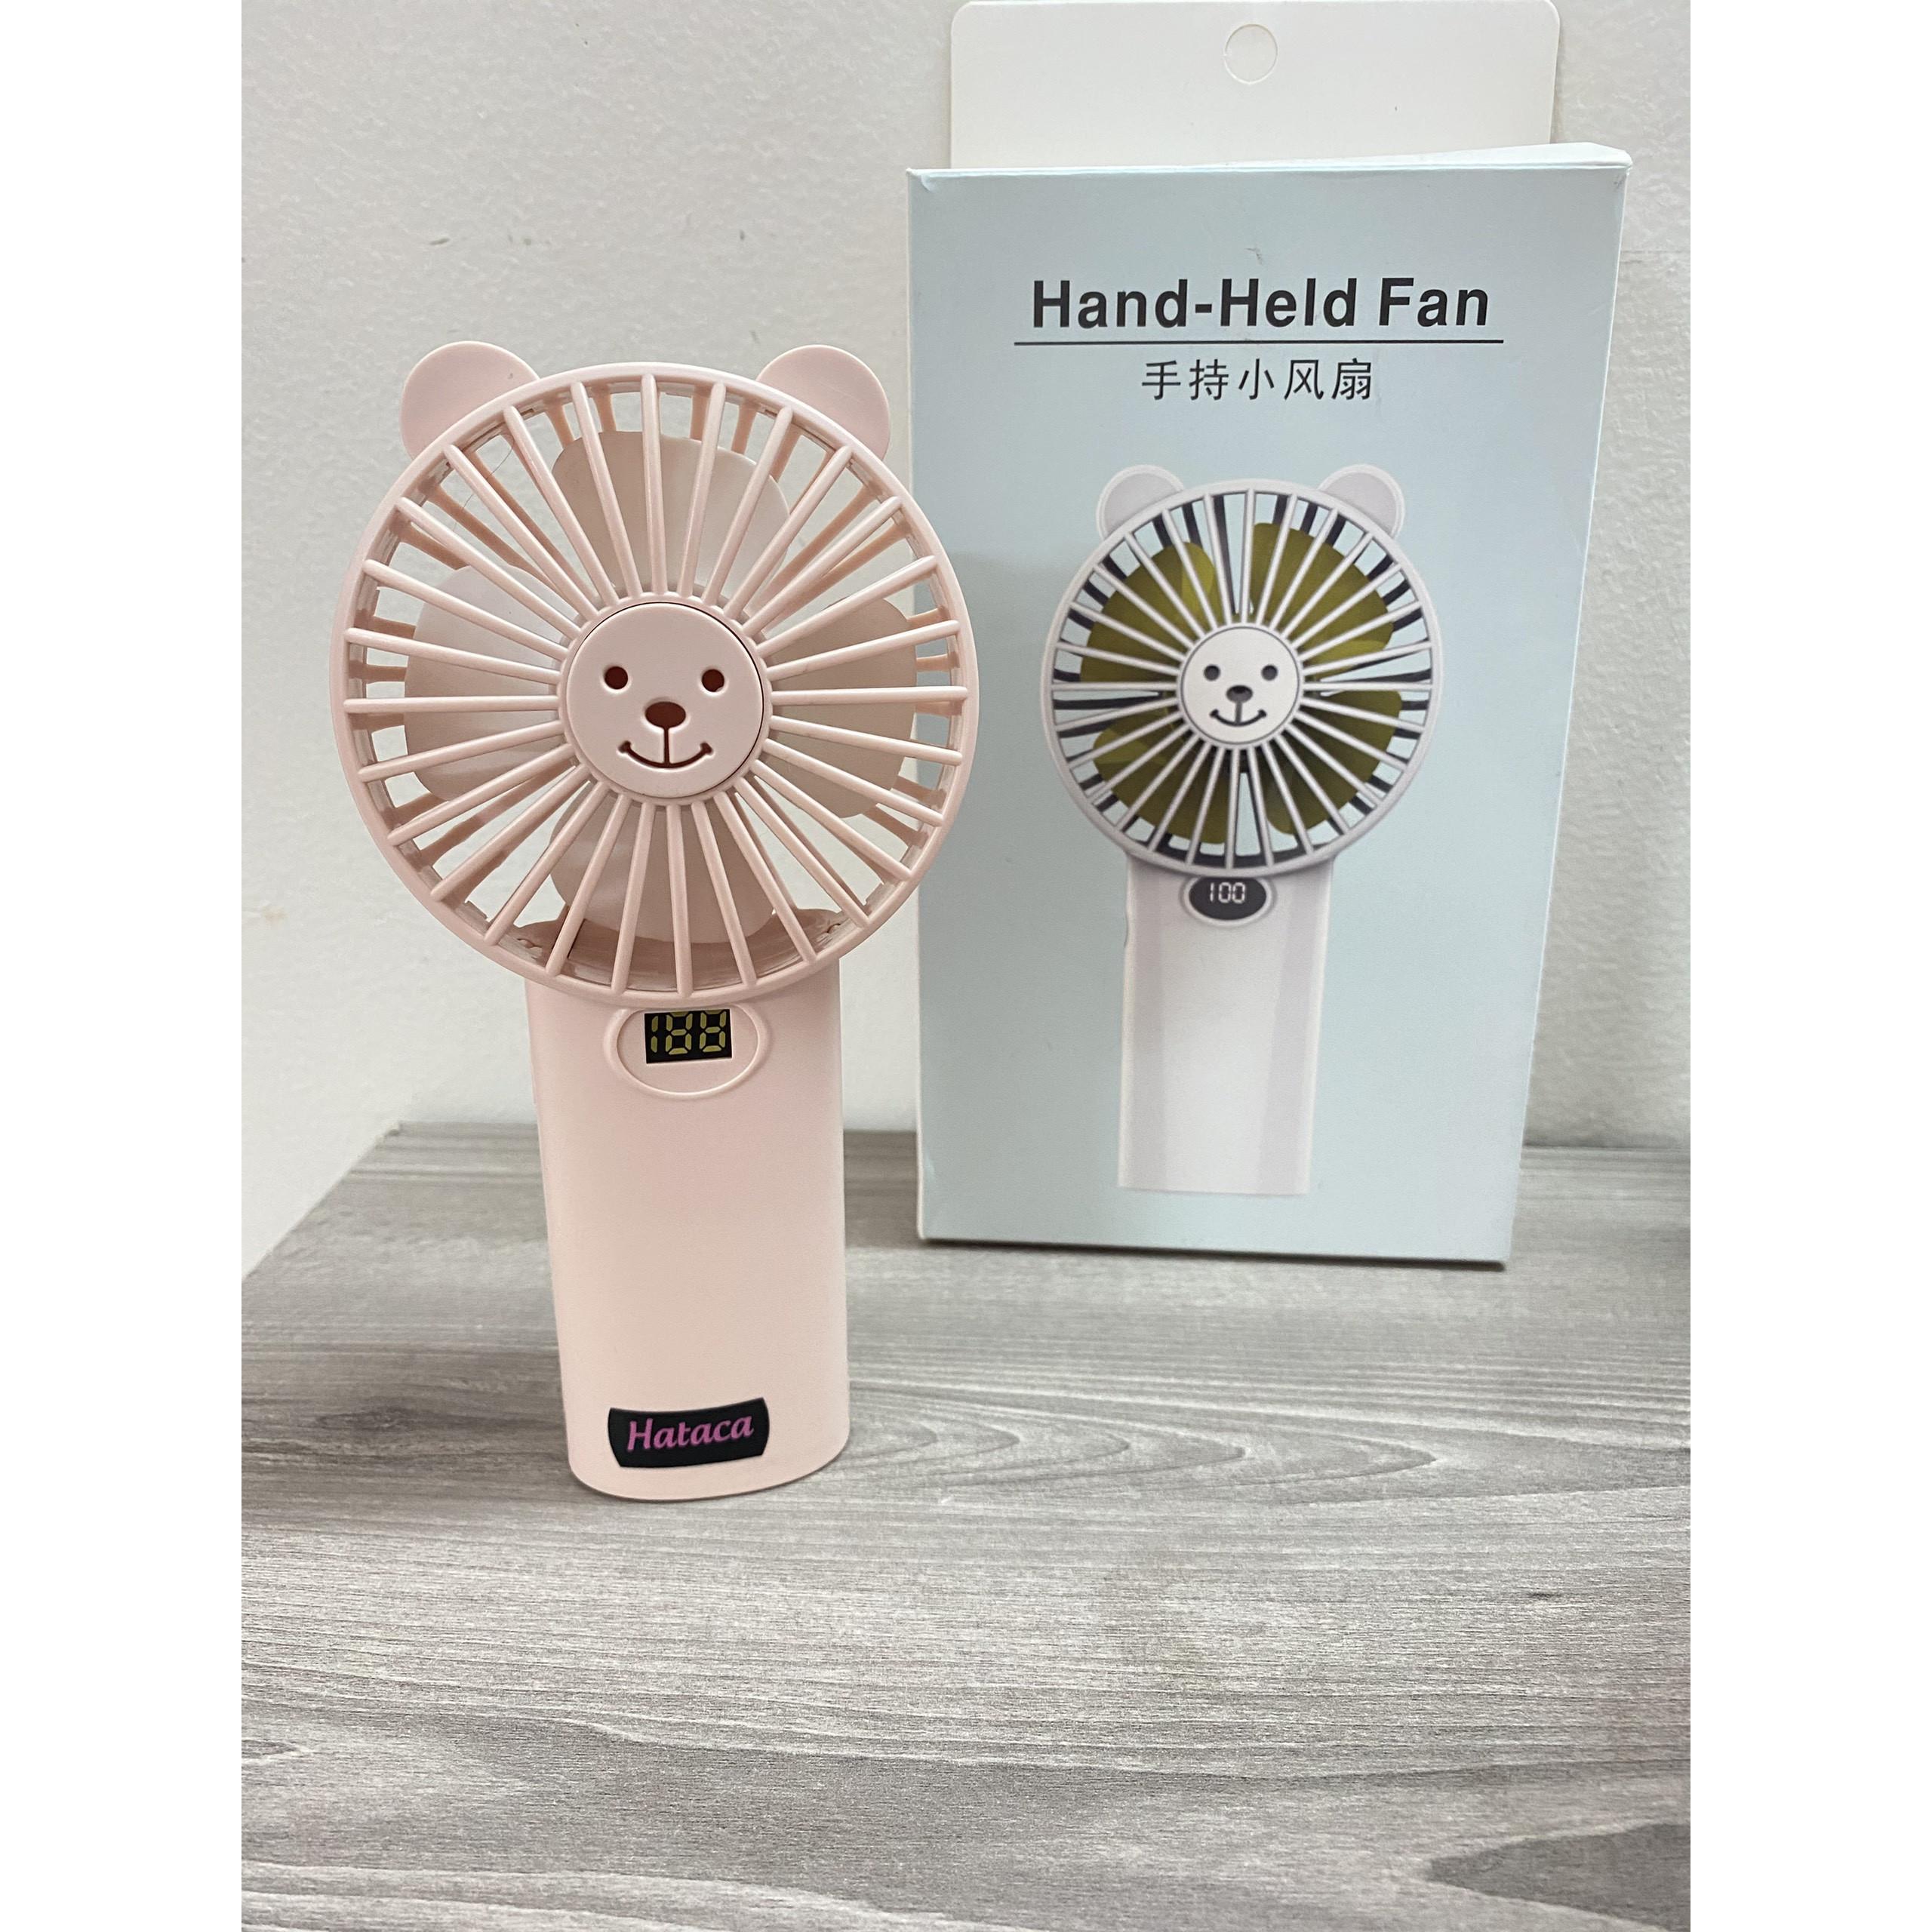 Quạt sạc mini cầm tay Hataca hand held fan - Hàng chính hãng